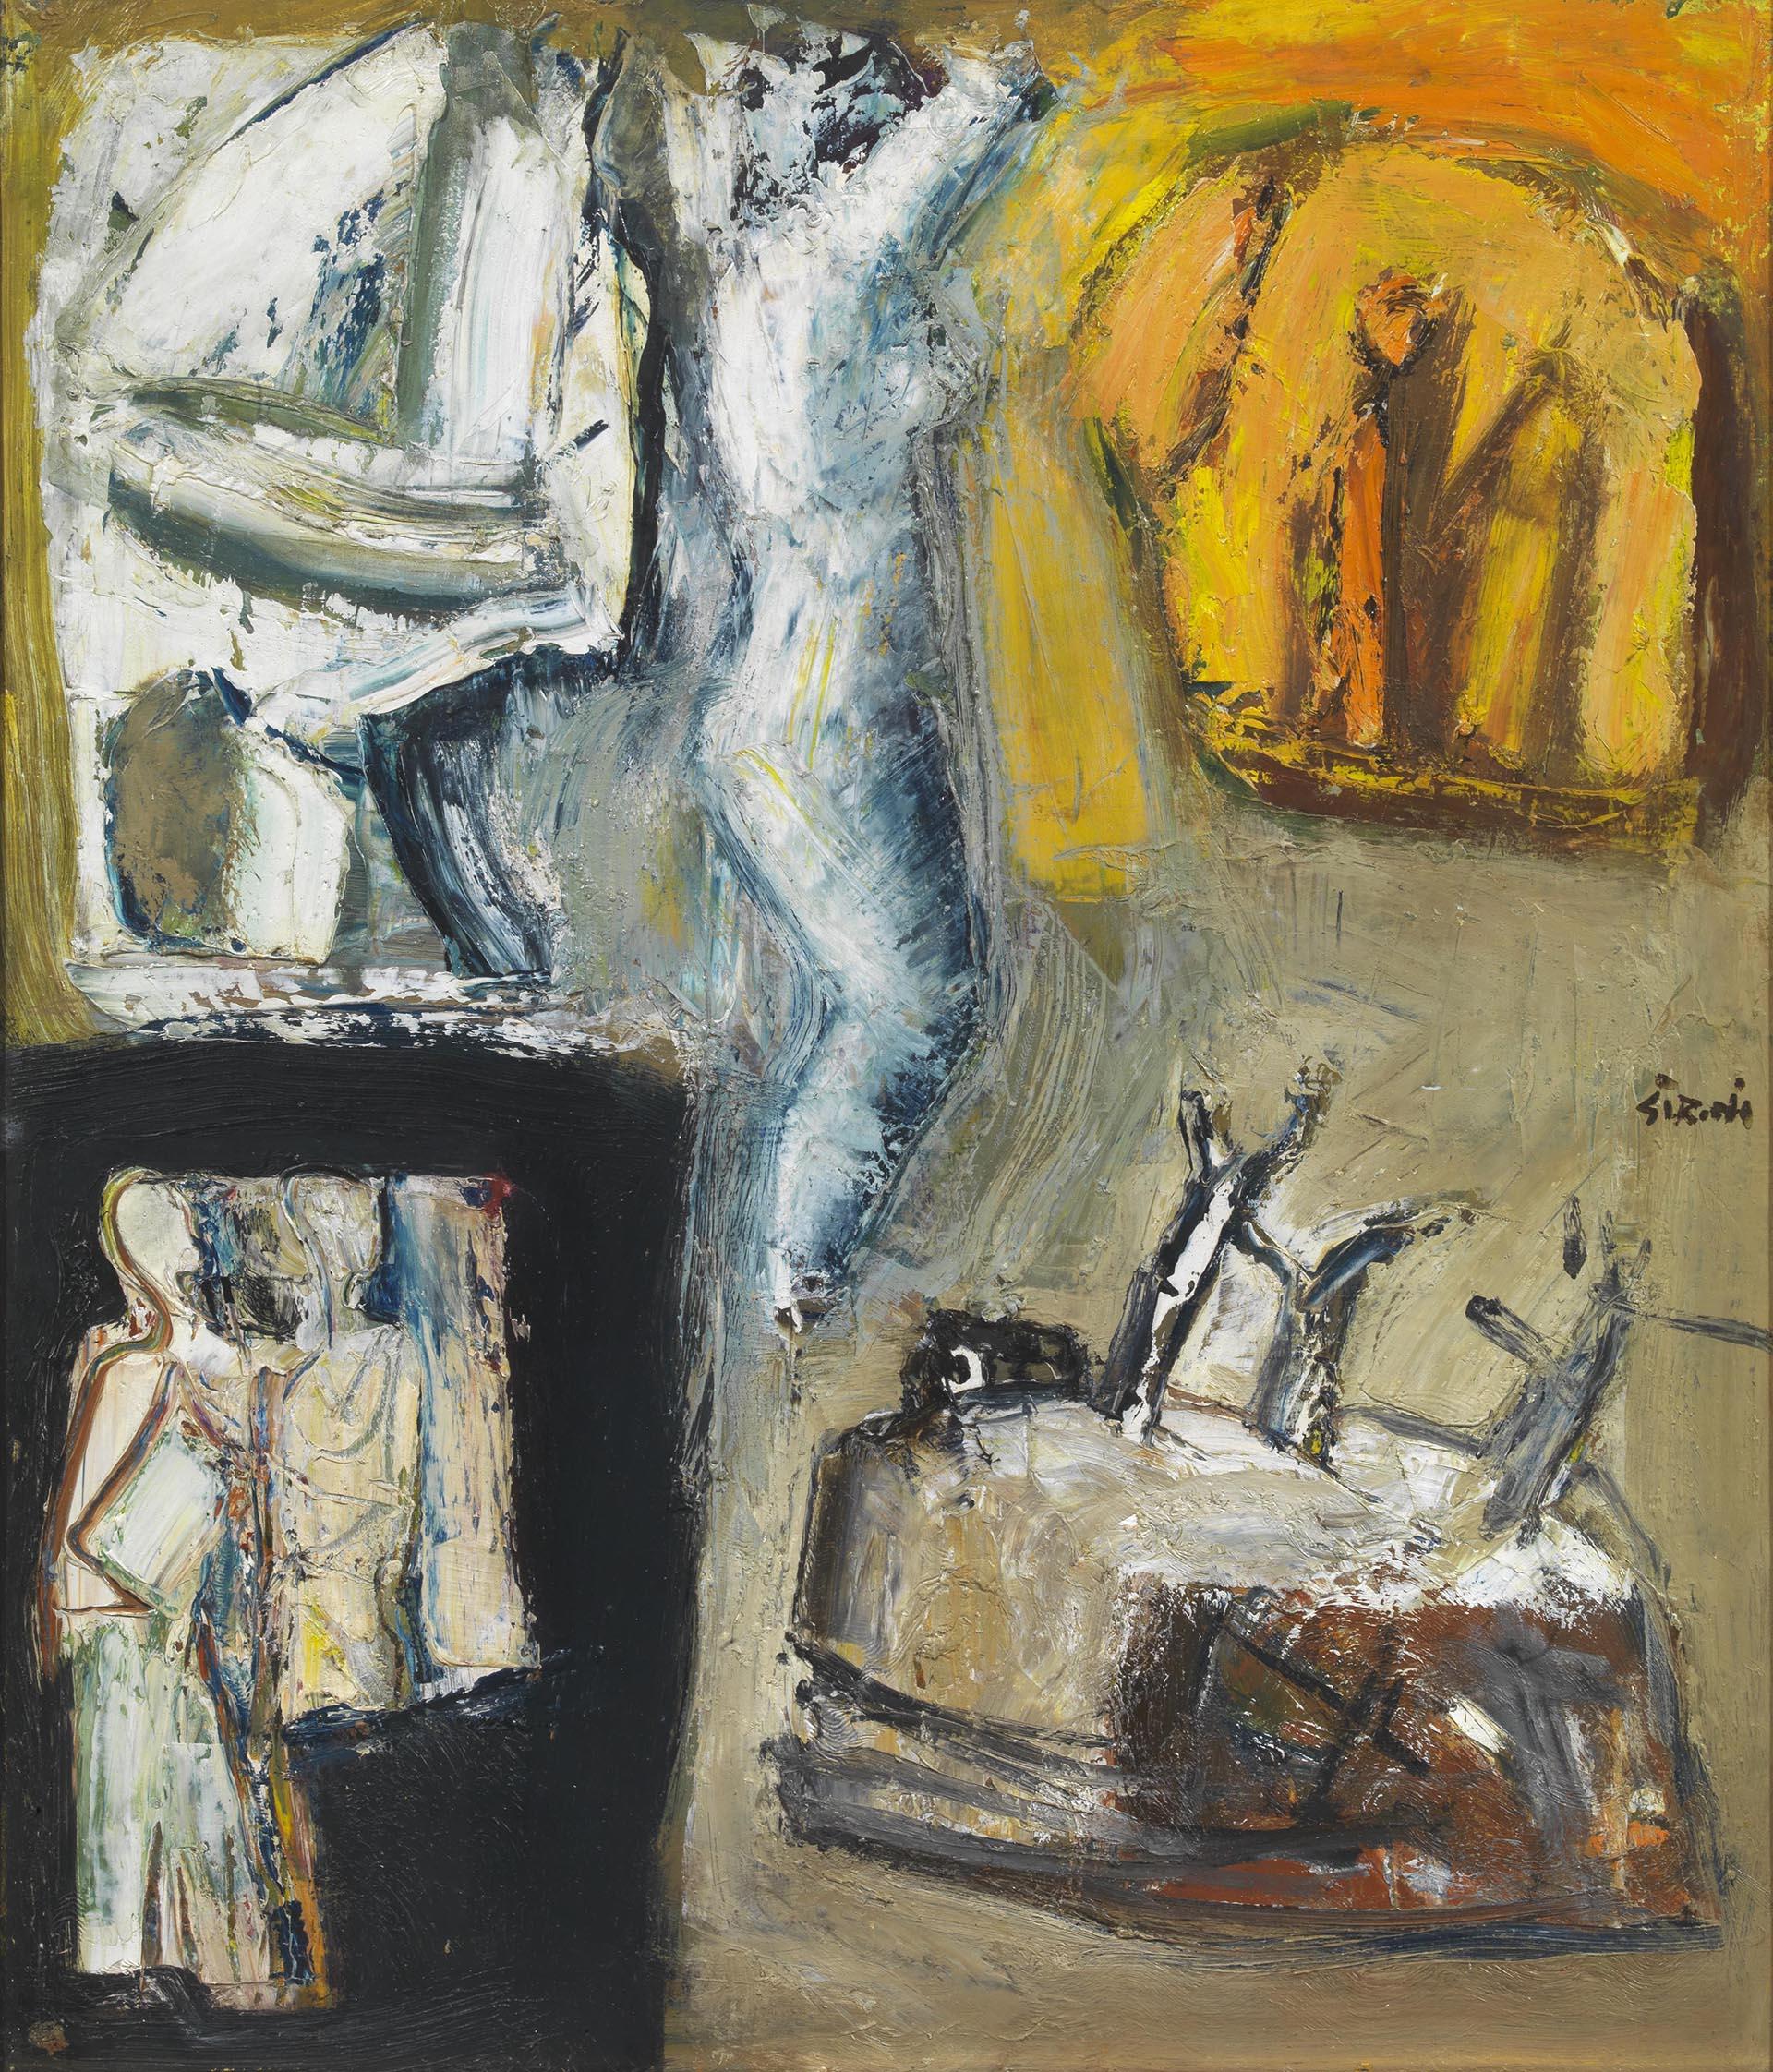 Sironi, Composizione, 1950-55, 70x60 cm